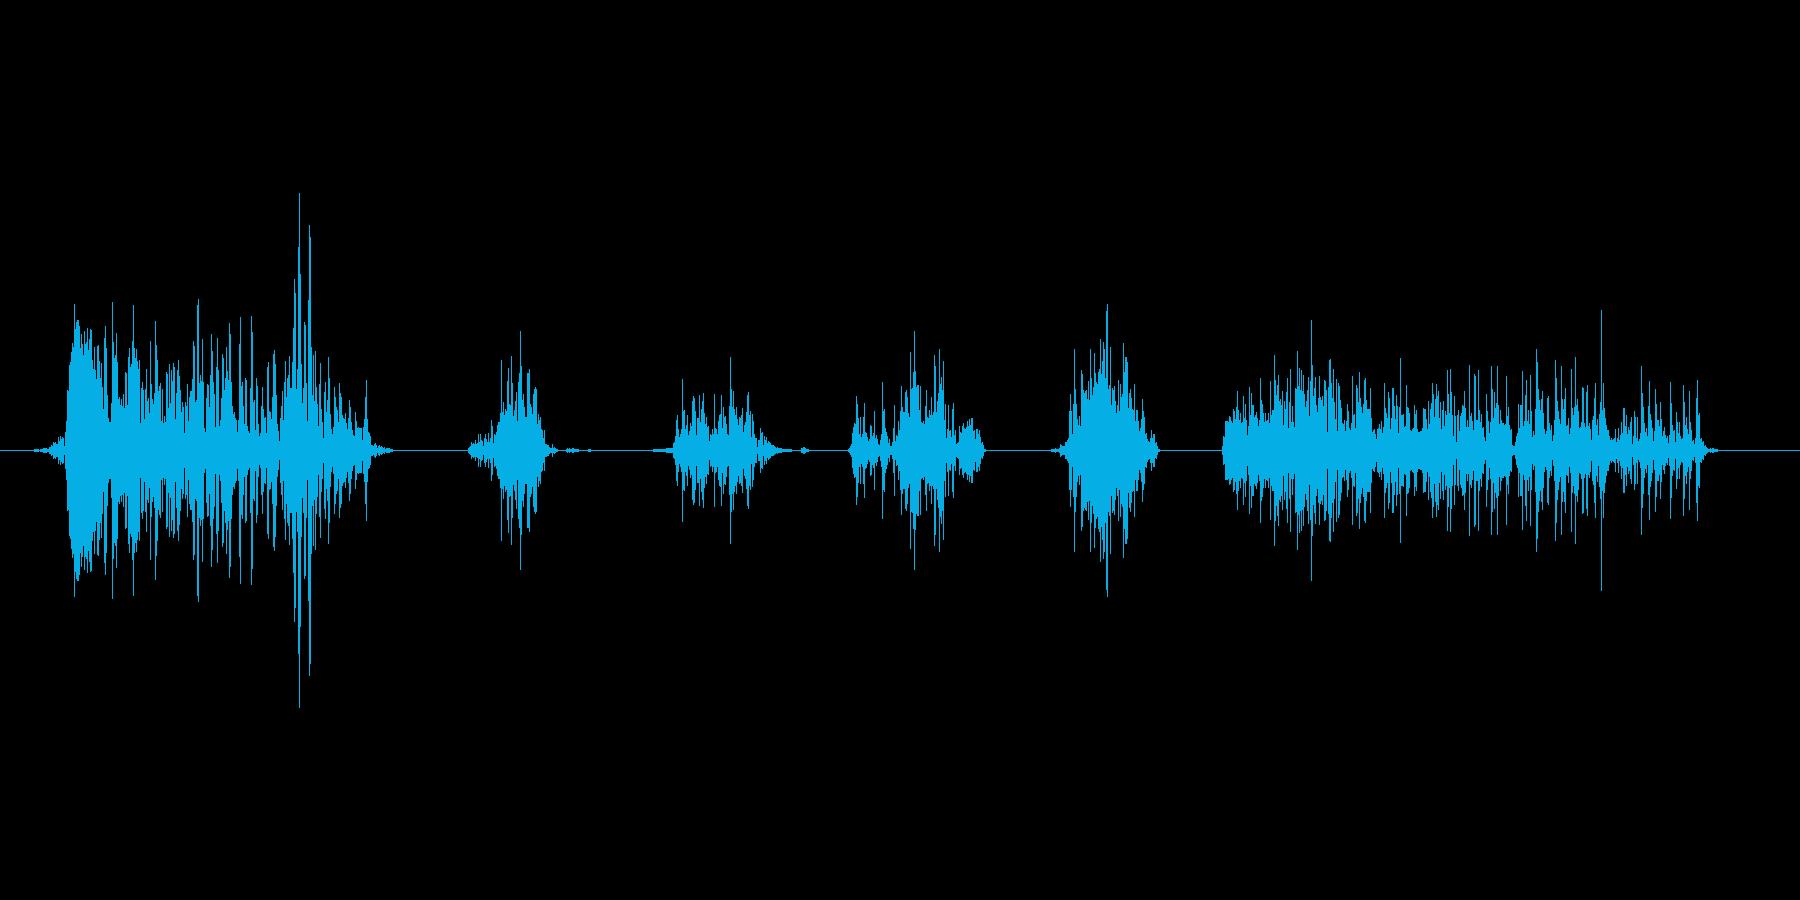 怪物の笑い声「わーはっはっは」1の再生済みの波形